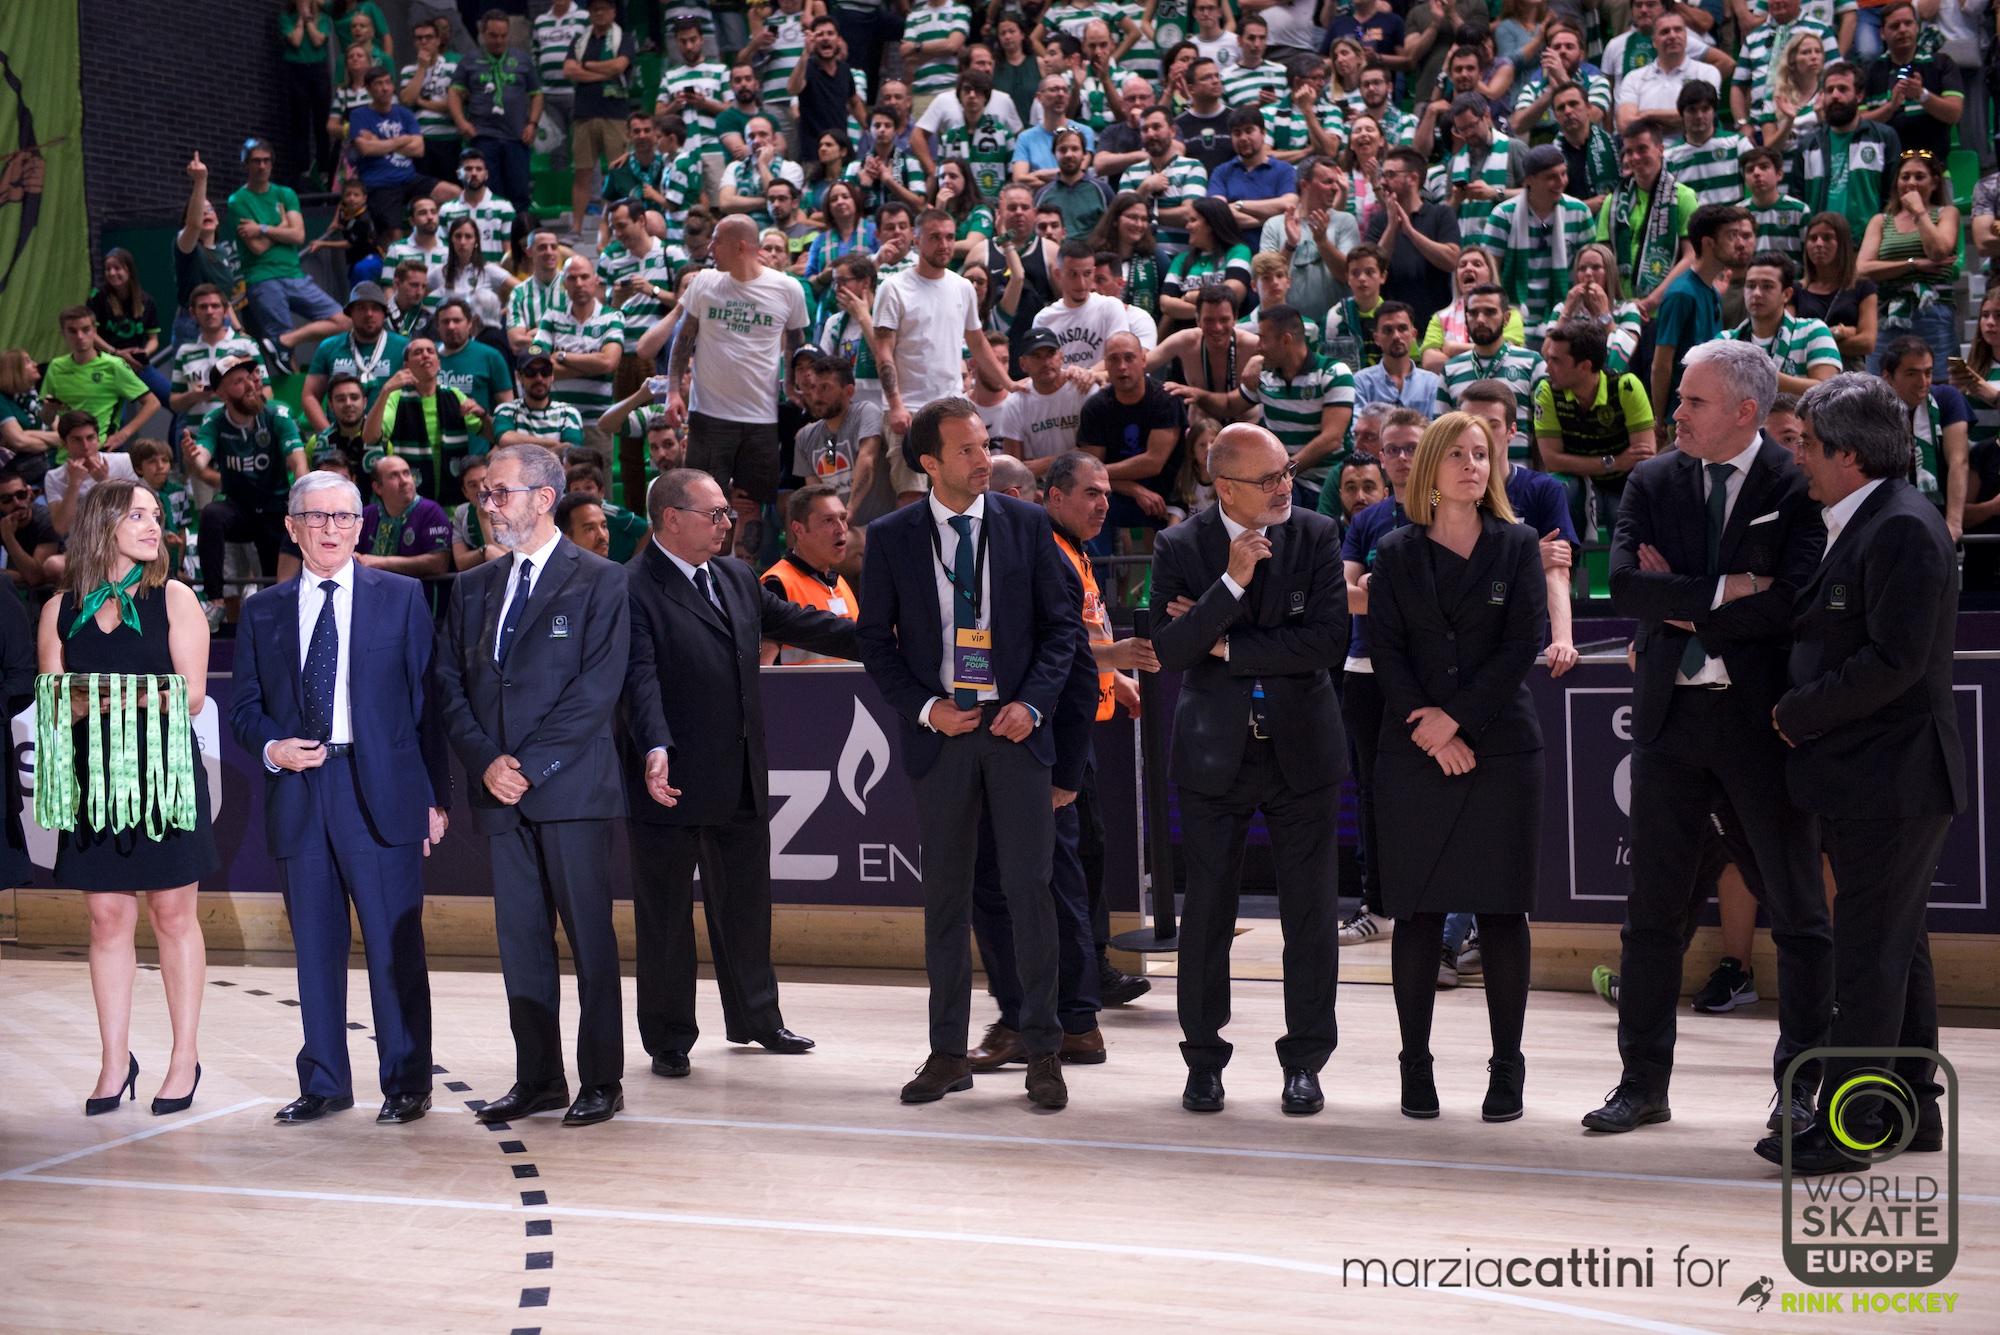 MarziaCattini19-05-12-awarding01